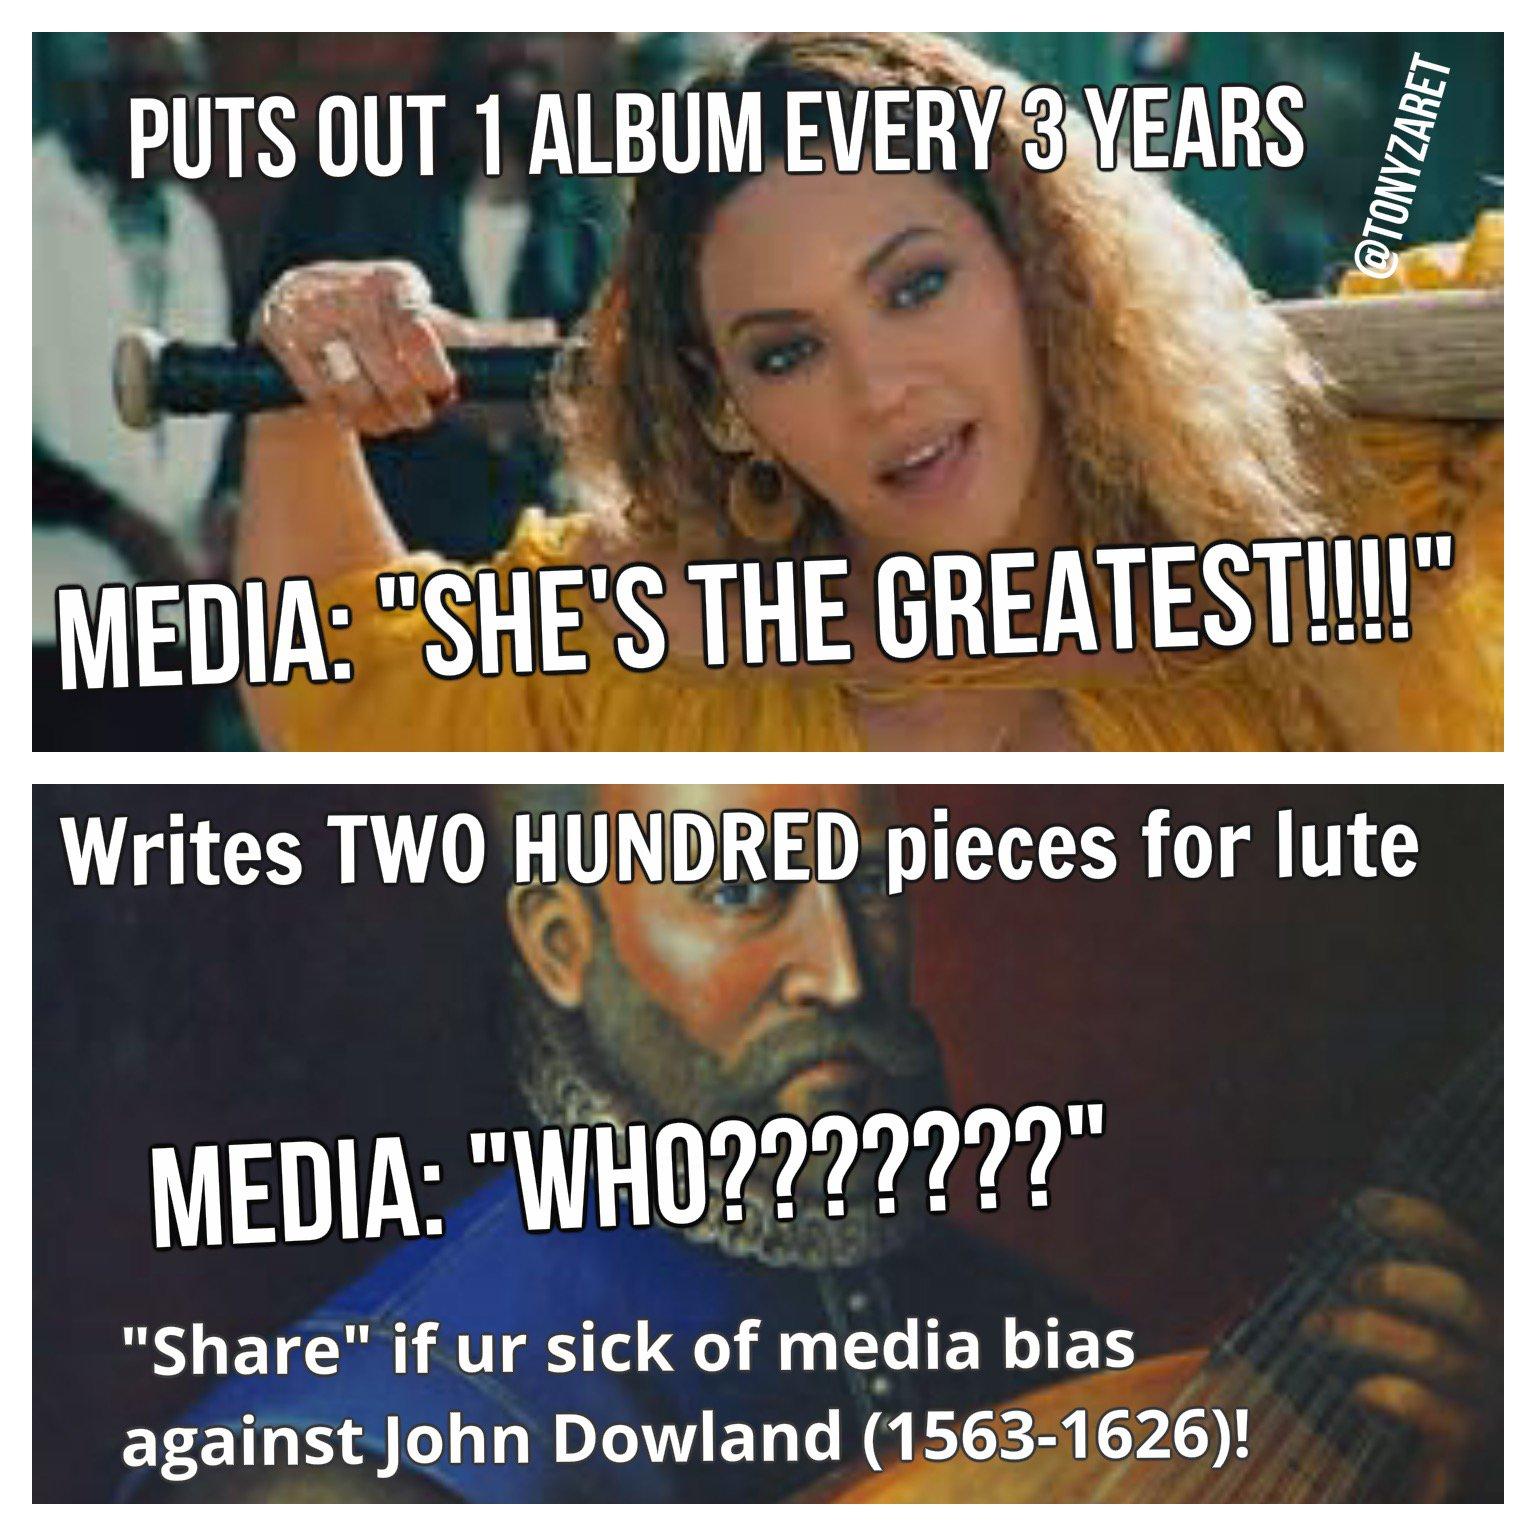 Beyonce and John Downland